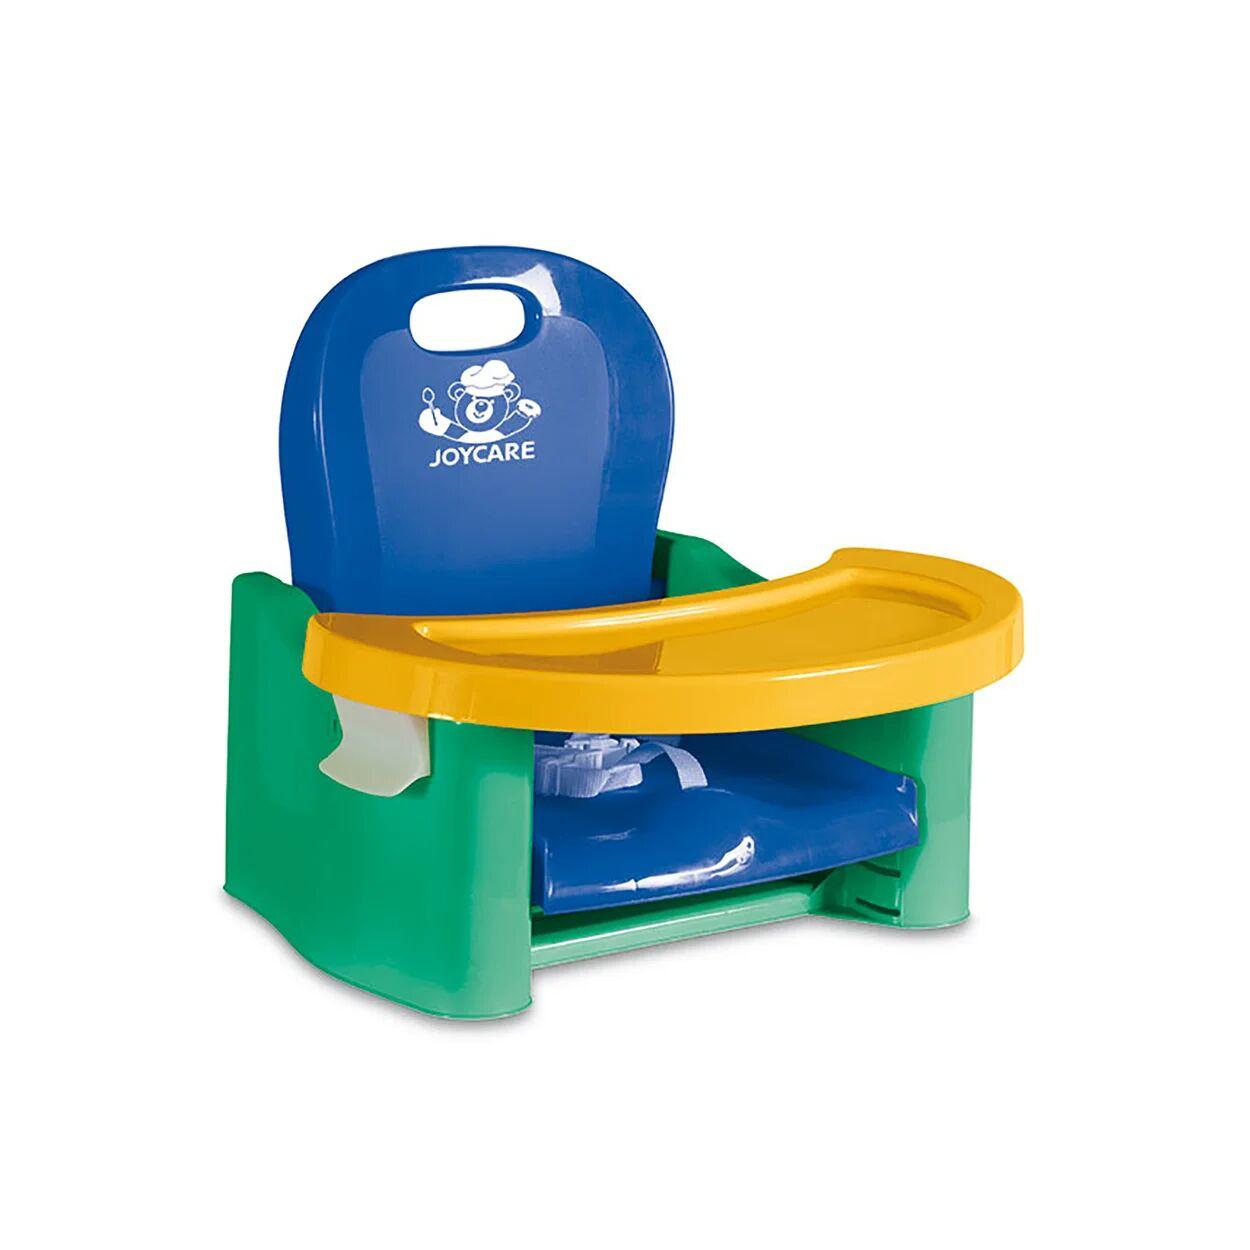 Joycare bambino Alzatina da sedia GHIOTTONE, blu